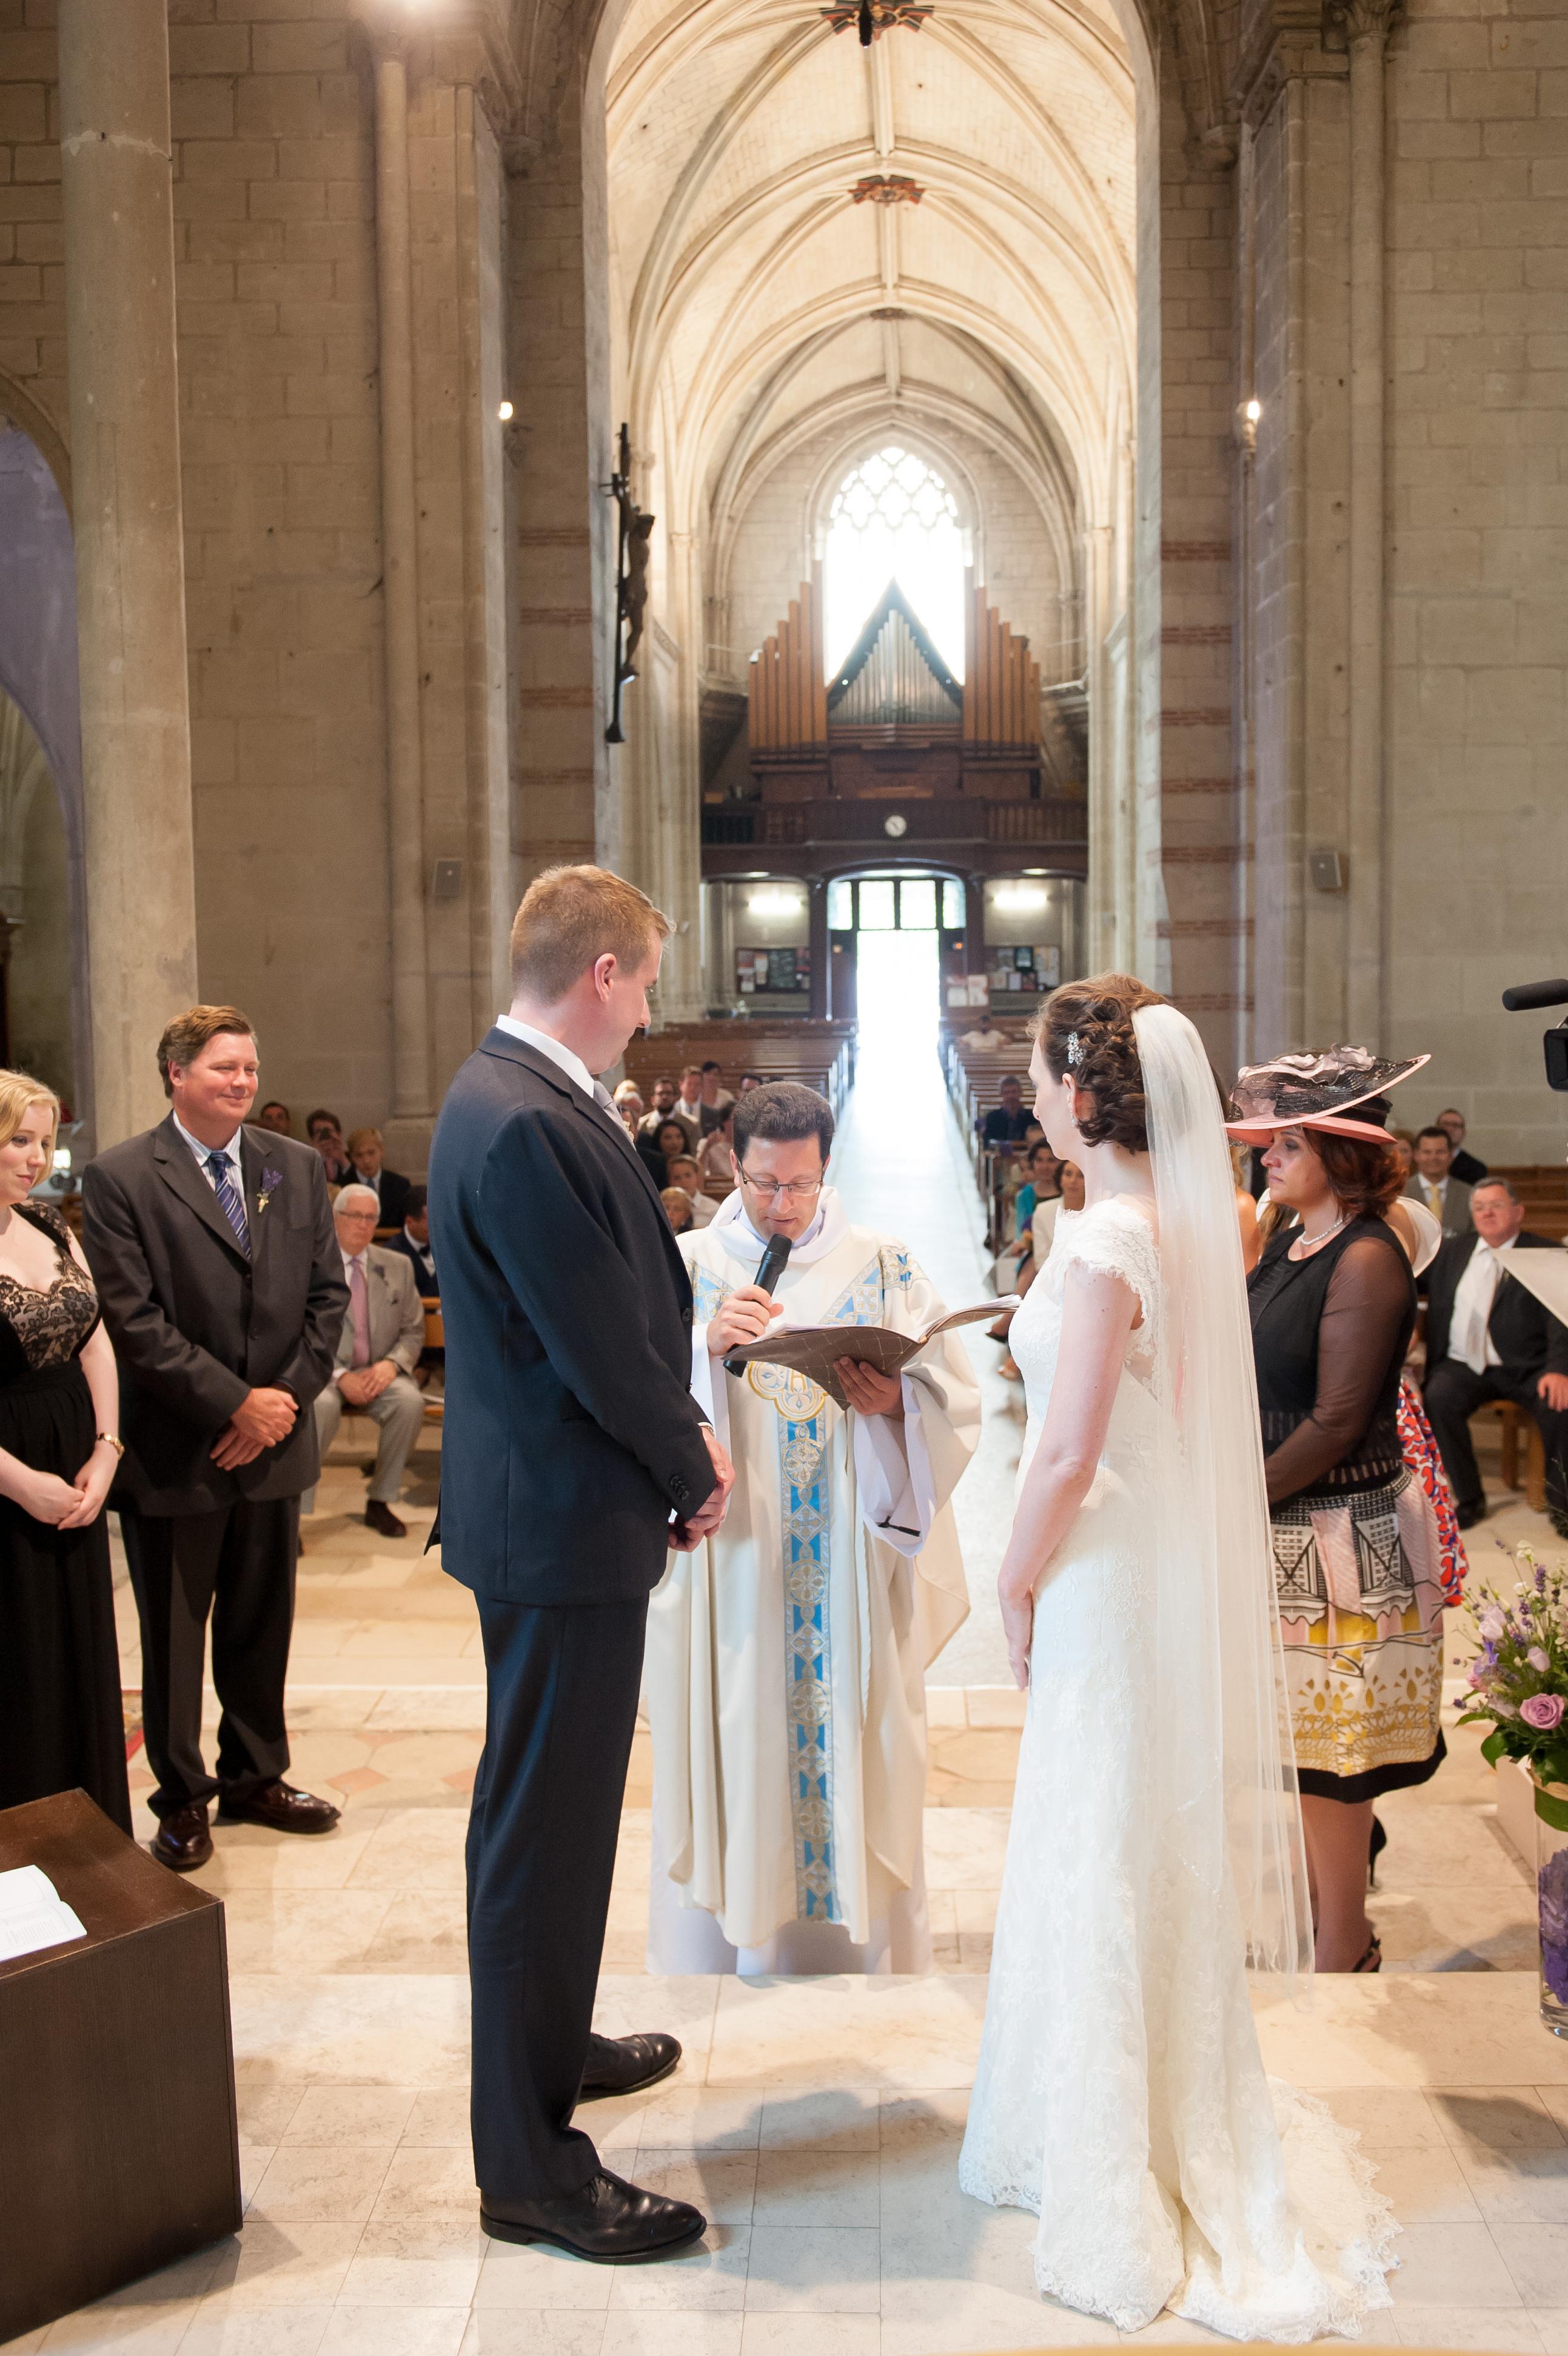 Mariage , Diocèse d\u0027Angers , L\u0027Eglise catholique en Maine,et